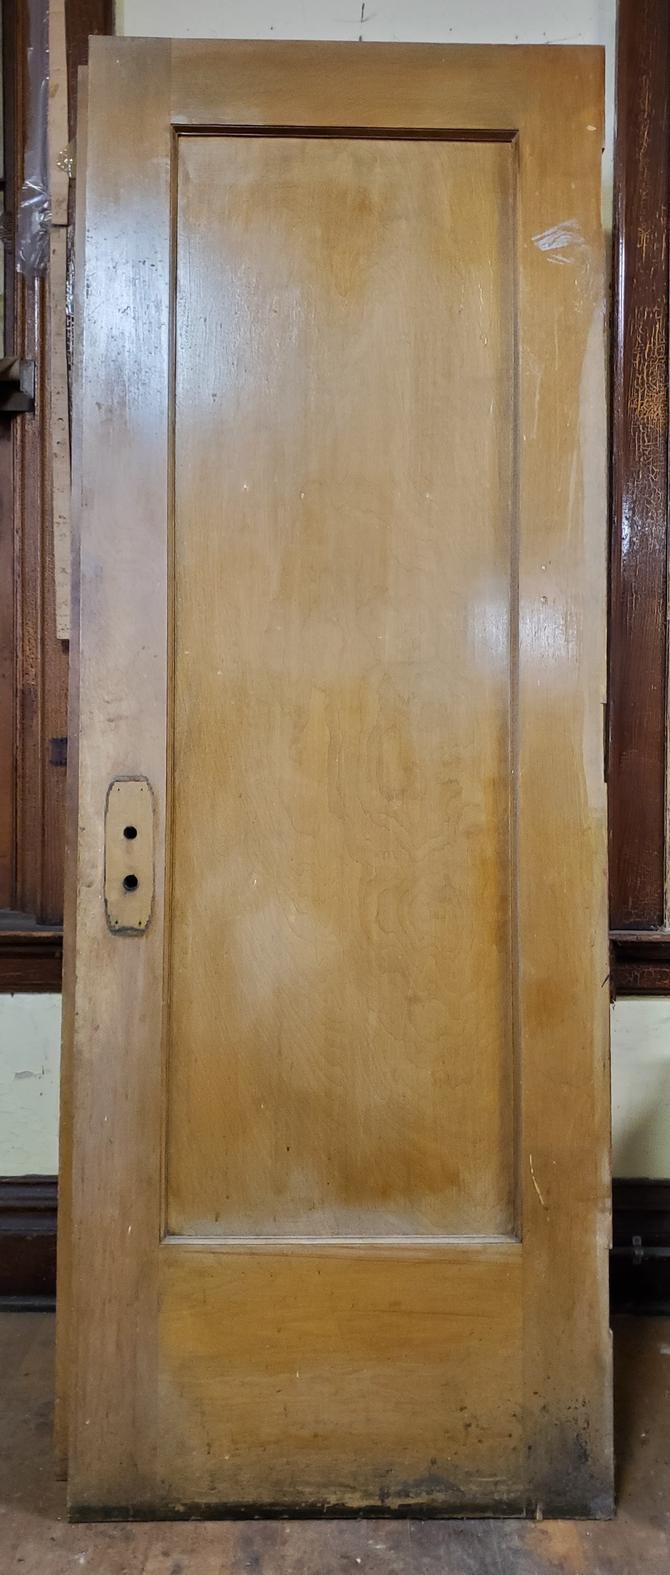 29.75 in Single Panel School Door